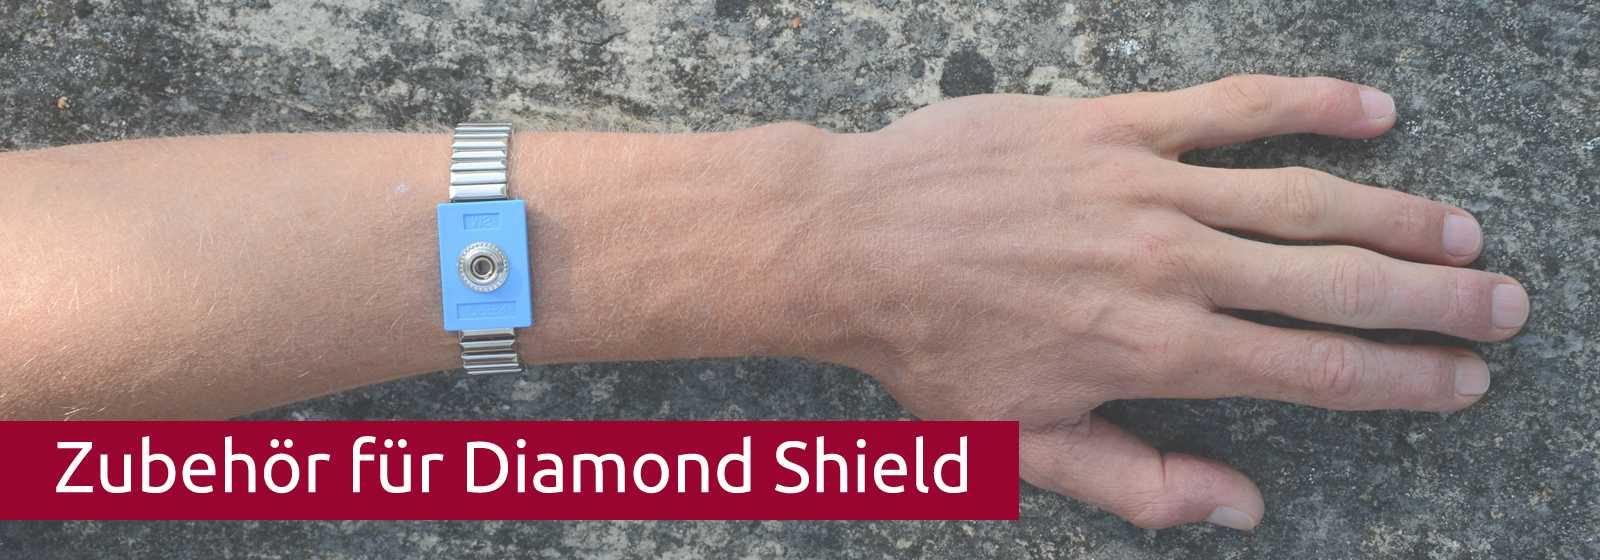 Der Unterarm eines Mannes hat eine Handgelenk-Manschette für Diamond Shield Zapper angelegt